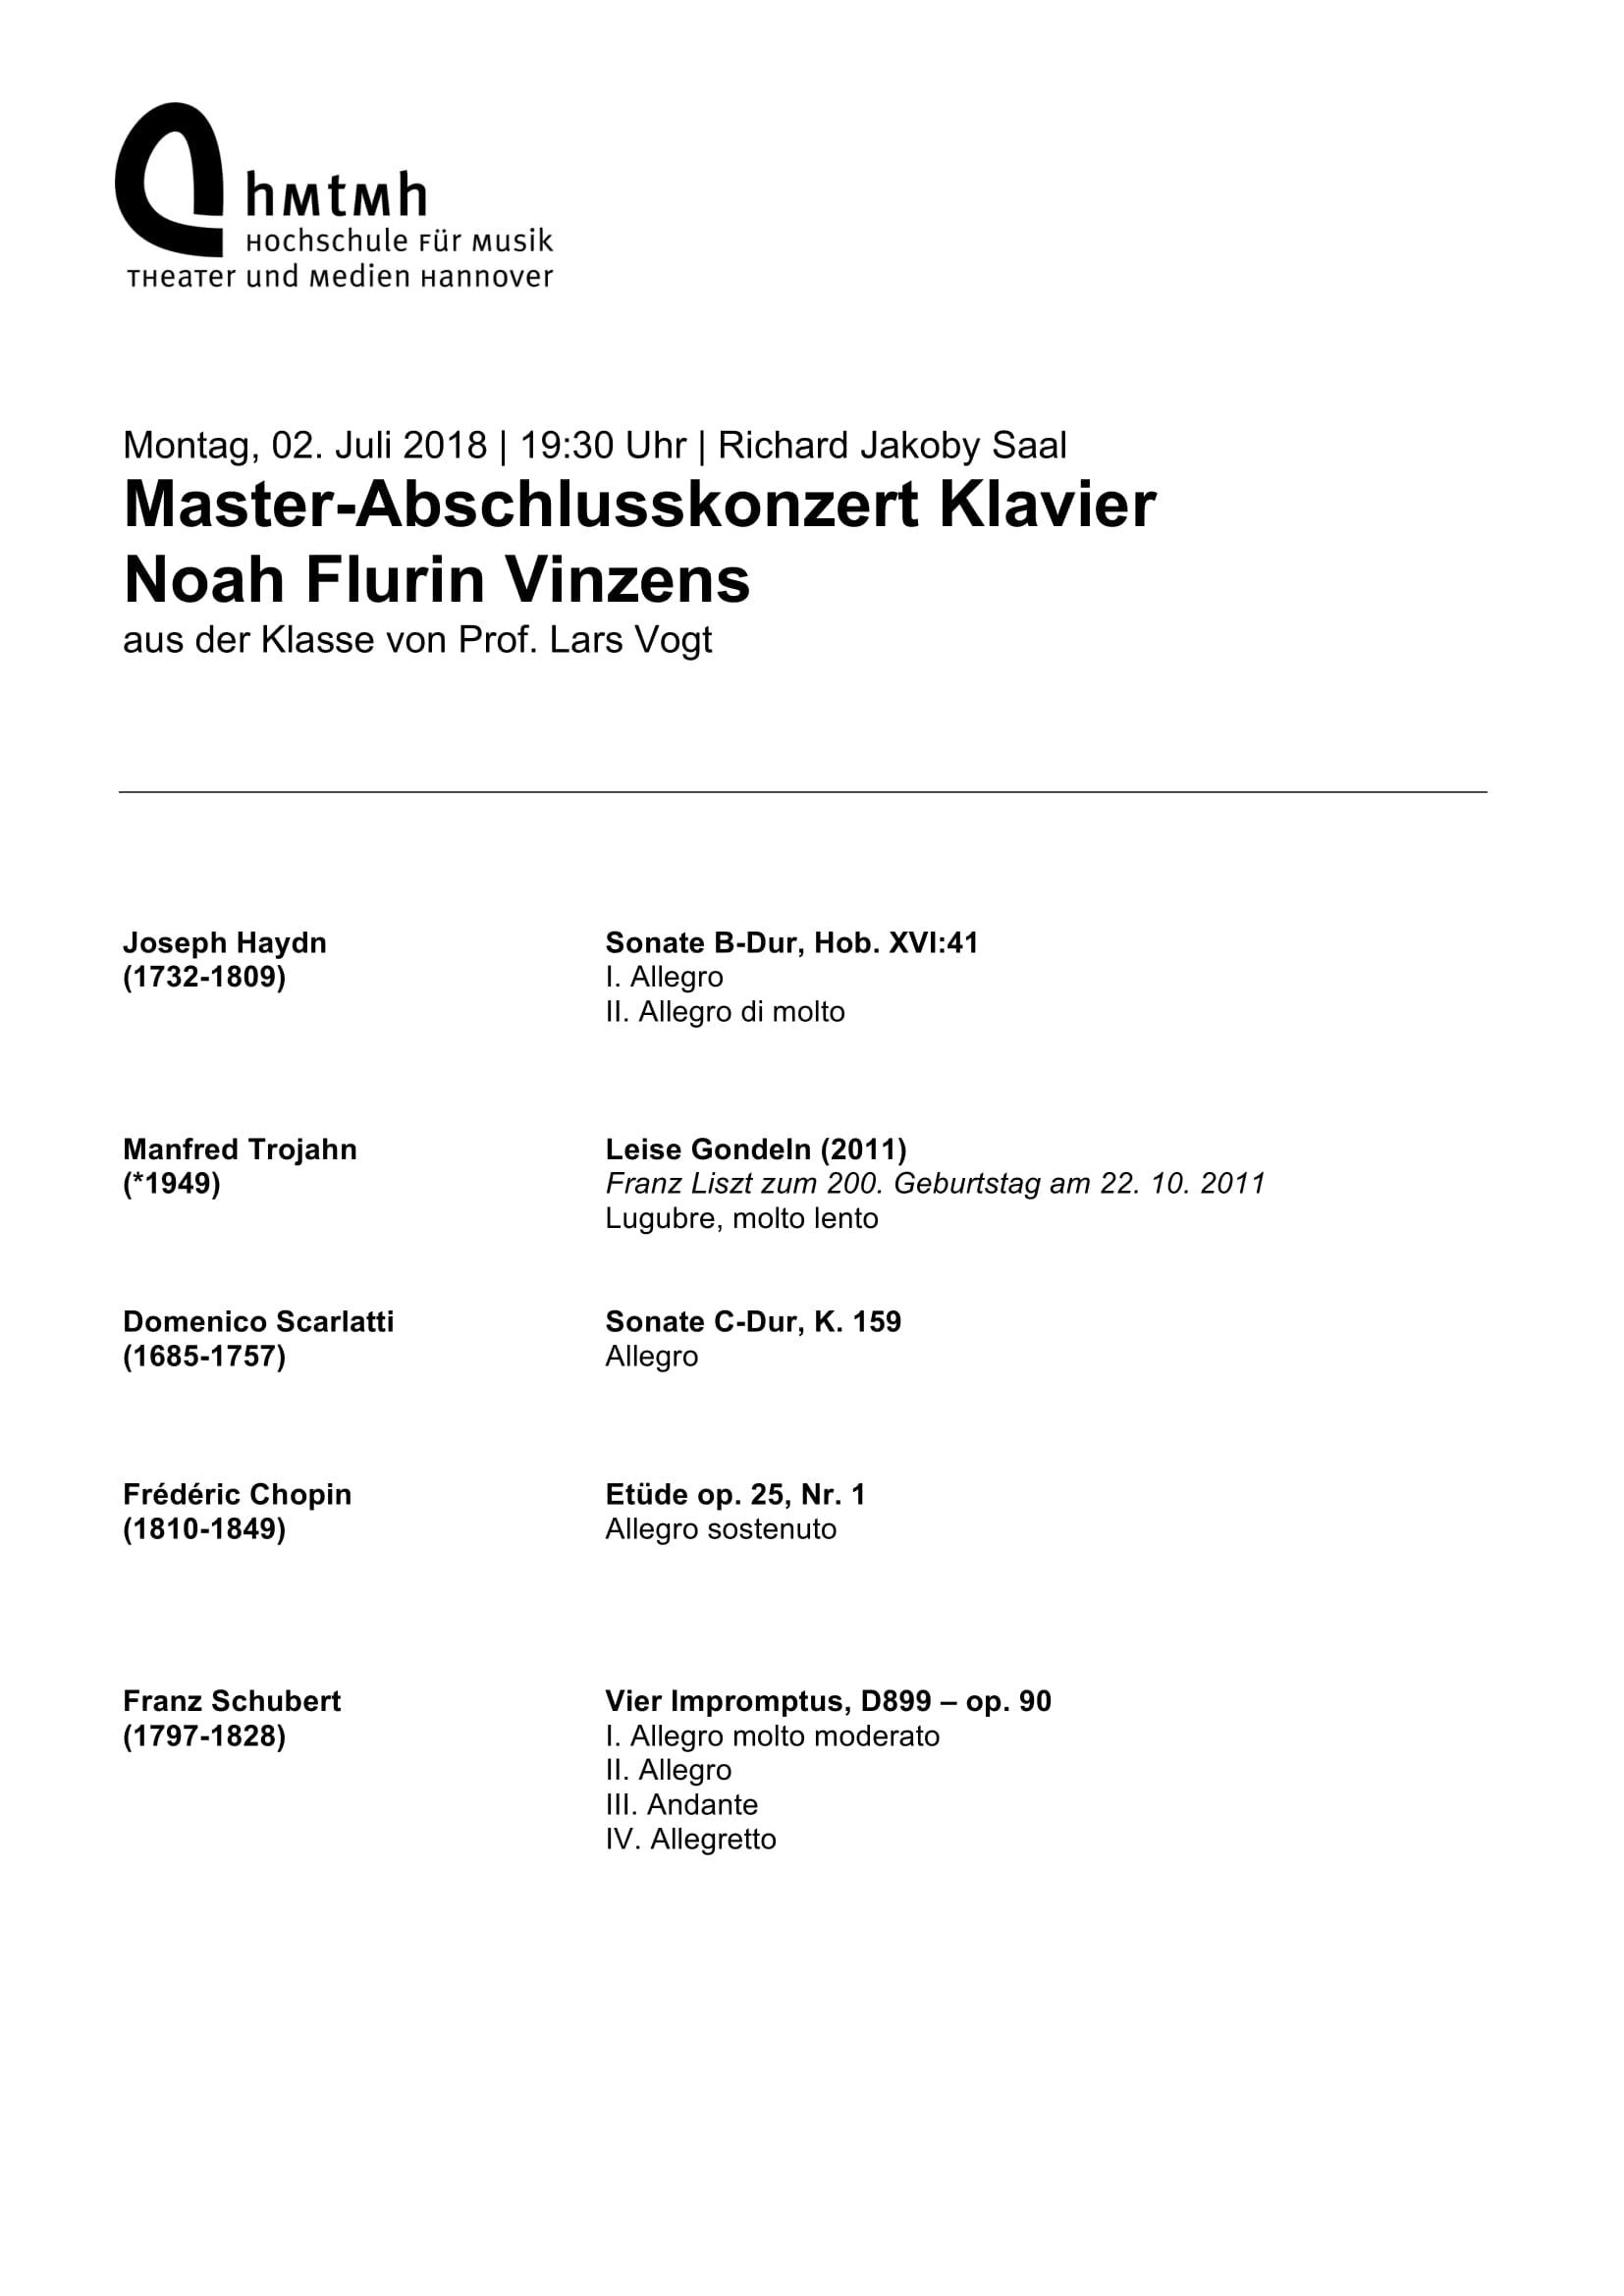 Noah_Vinzens_Master